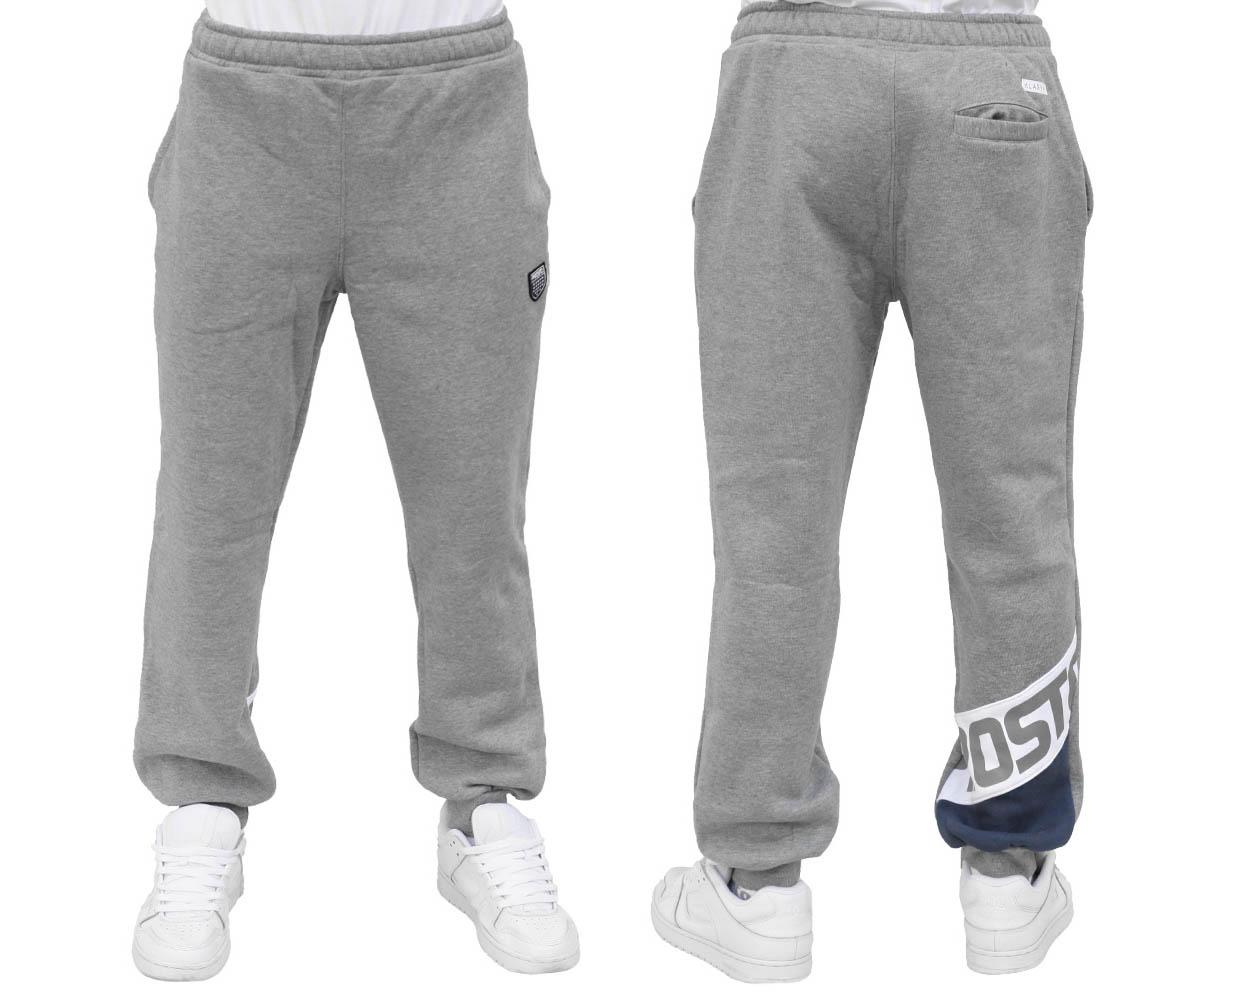 2fd2b21b0 Spodnie Dresowe PROSTO KLASYK Strip Szare L - 6950787175 - oficjalne ...